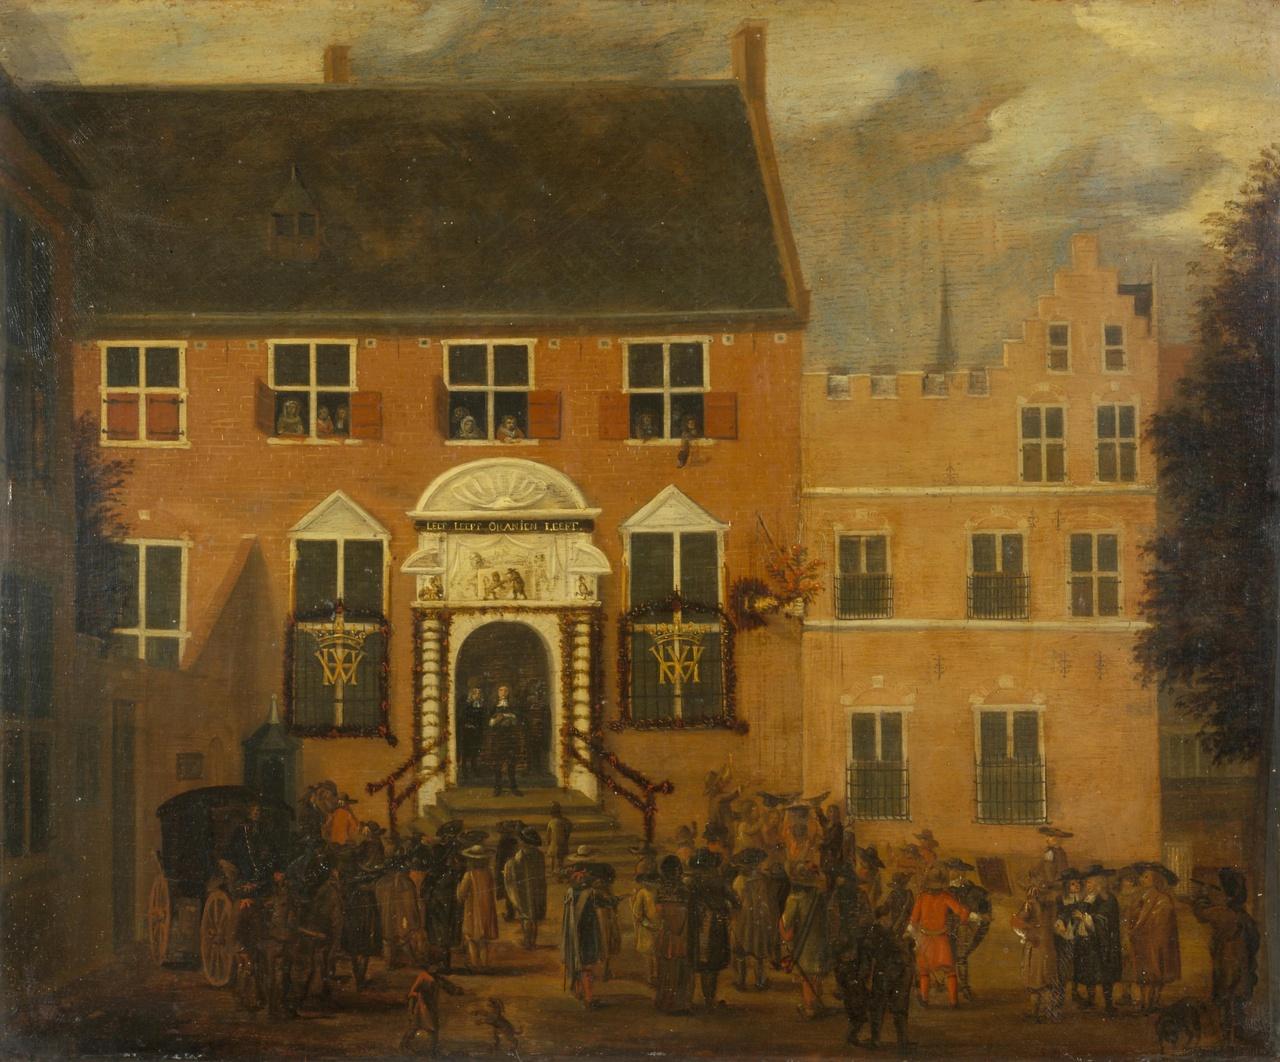 Afkondiging van het nieuwe regeringsregelement te Utrecht in 1674